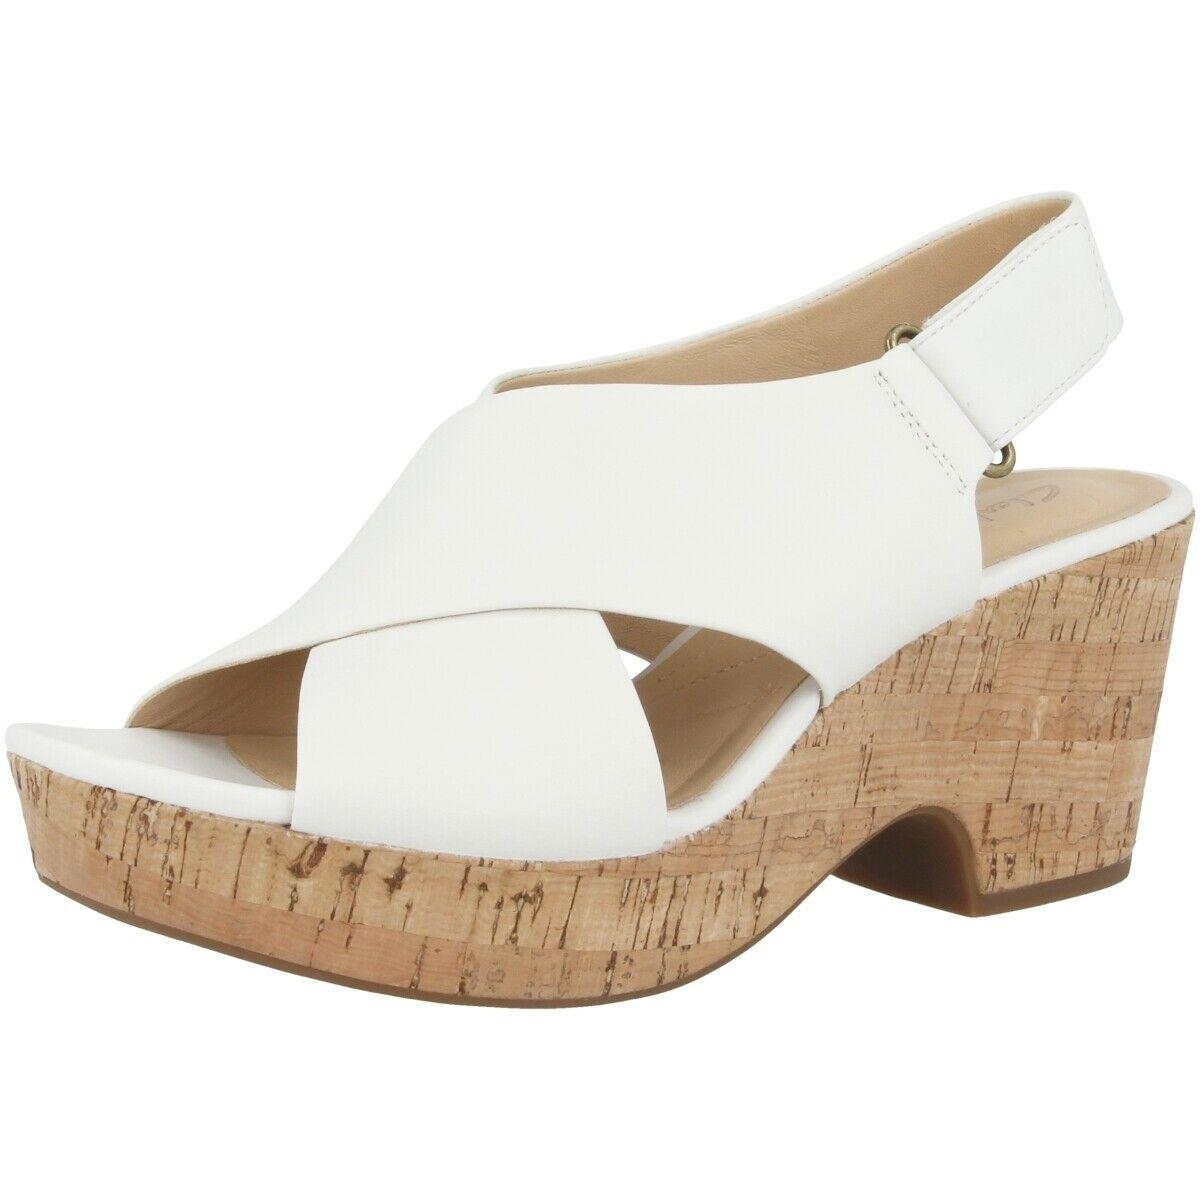 Clarks Maritsa Lara damen Damen Sandale Freizeit Sandaletten Weiß 26141375